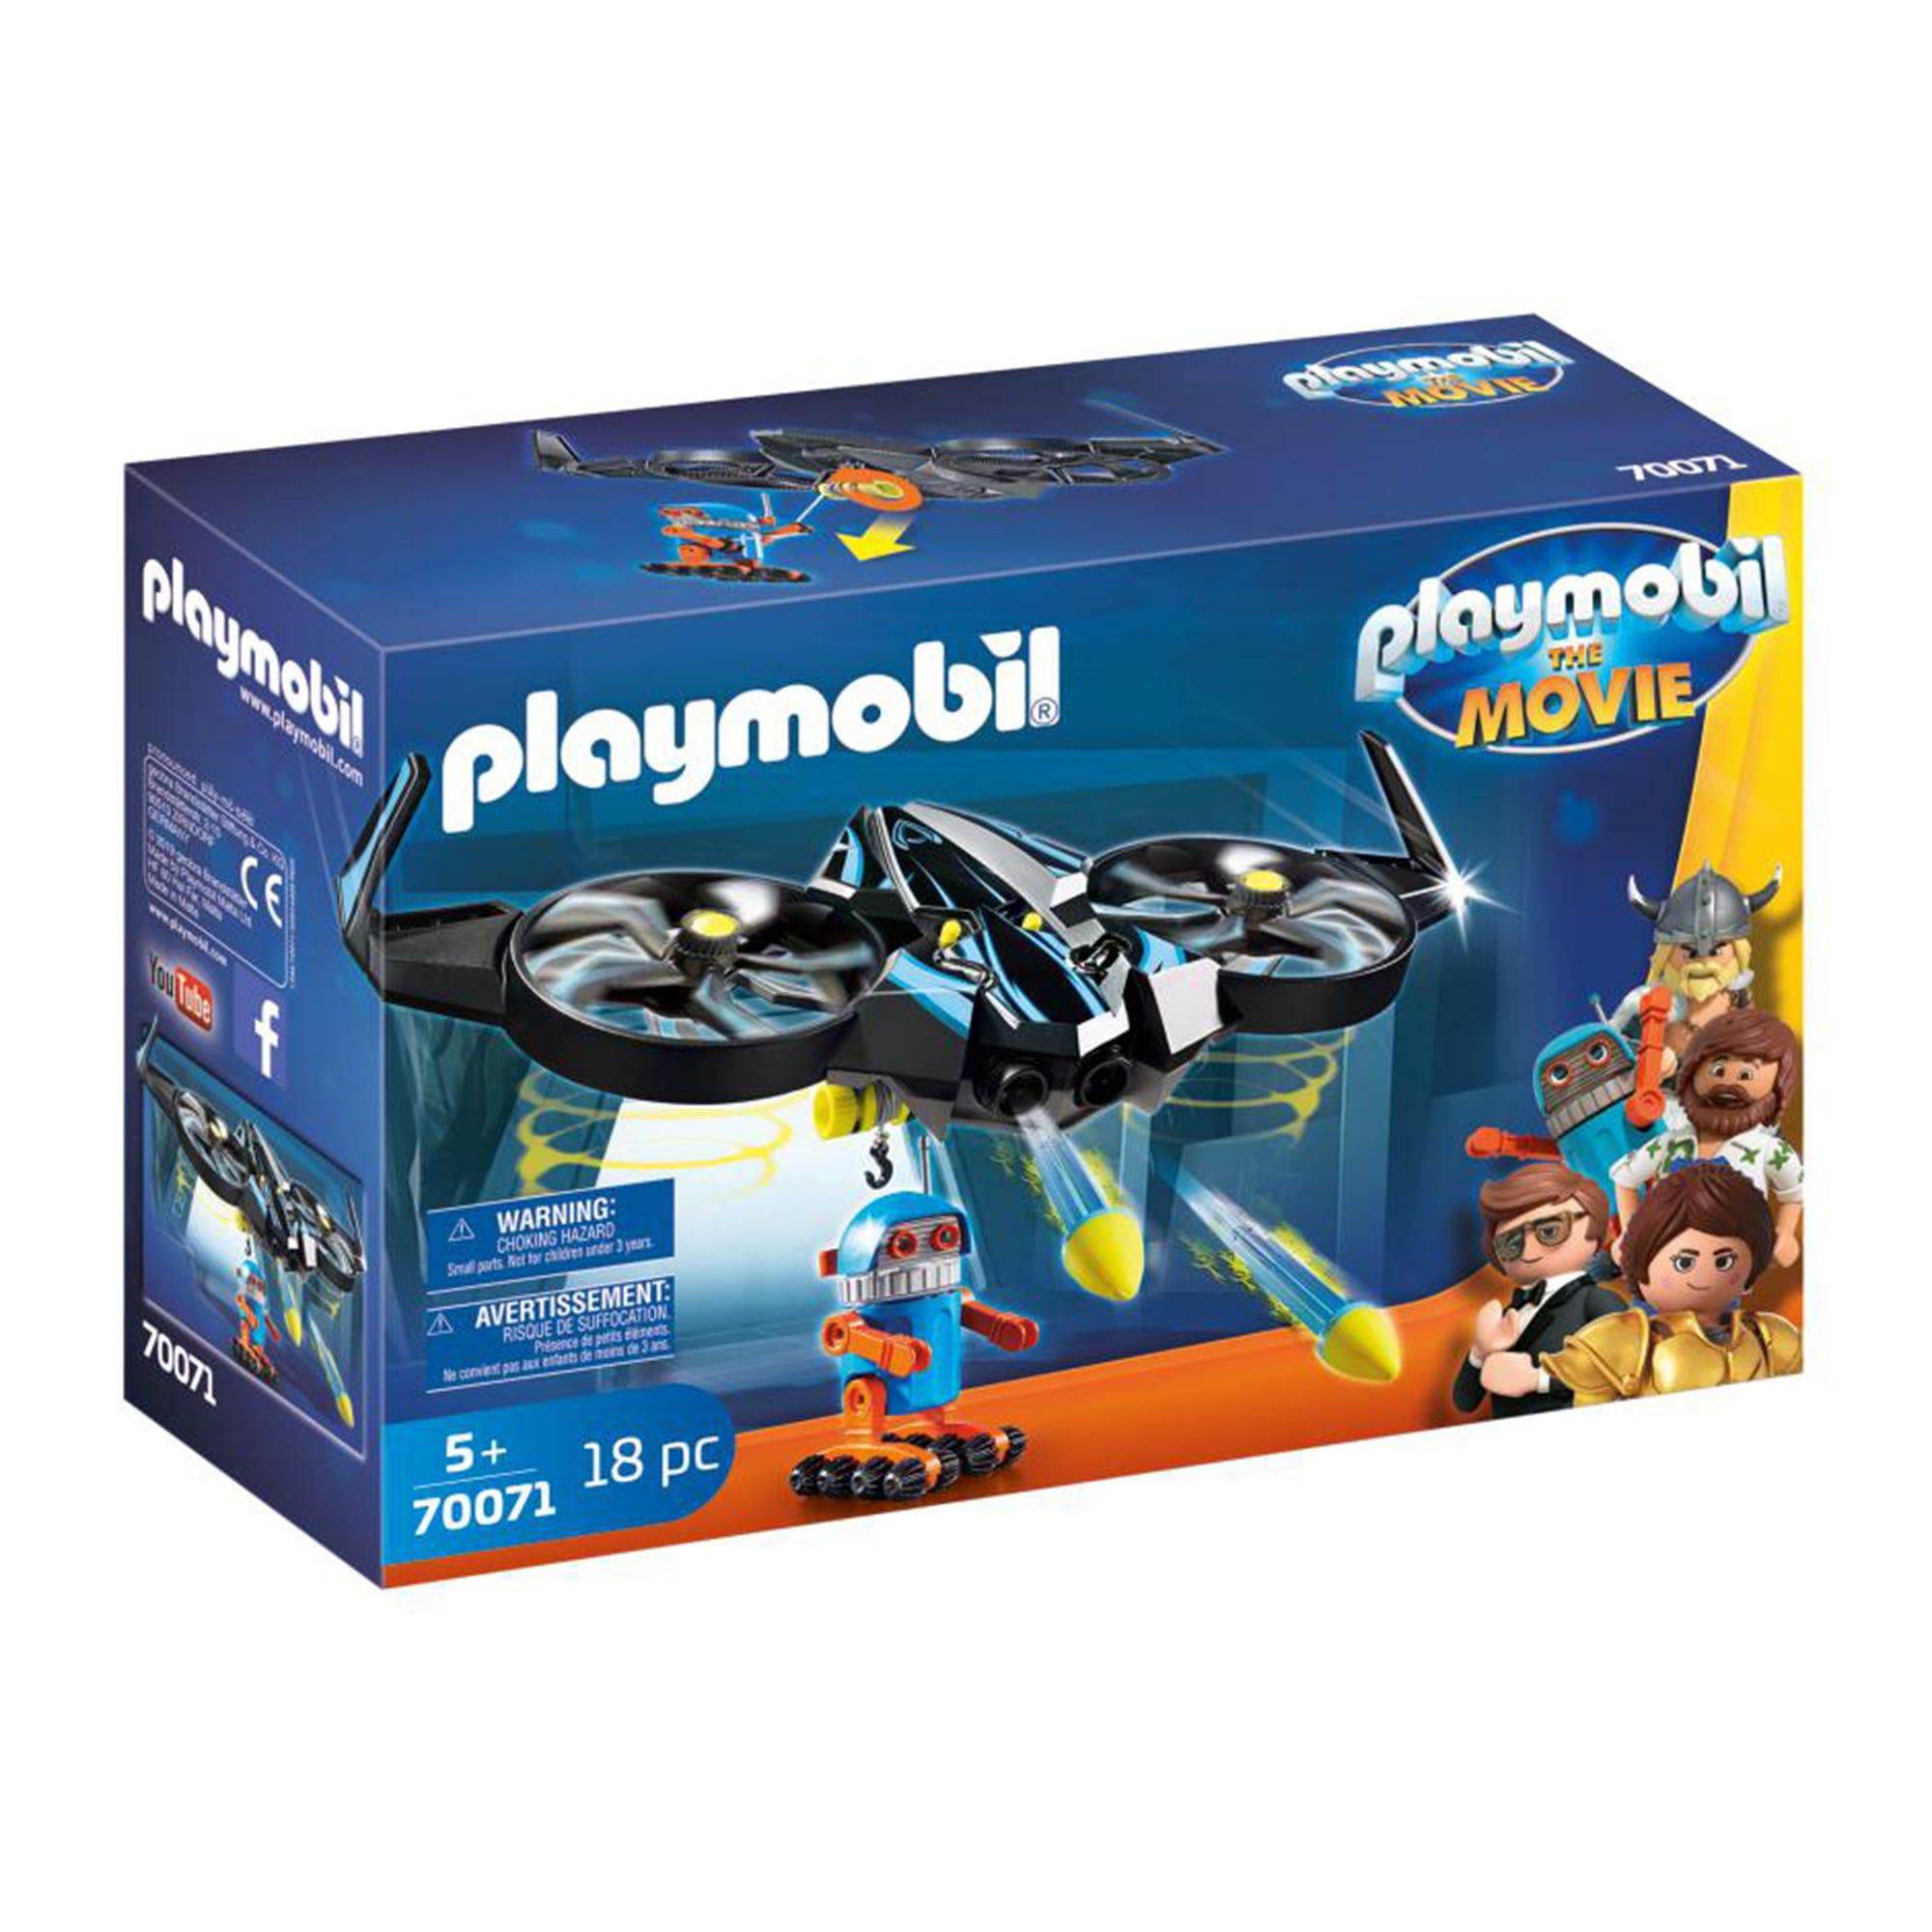 Playmobil 70071 Playmobil: THE MOVIE Robotitron With Drone